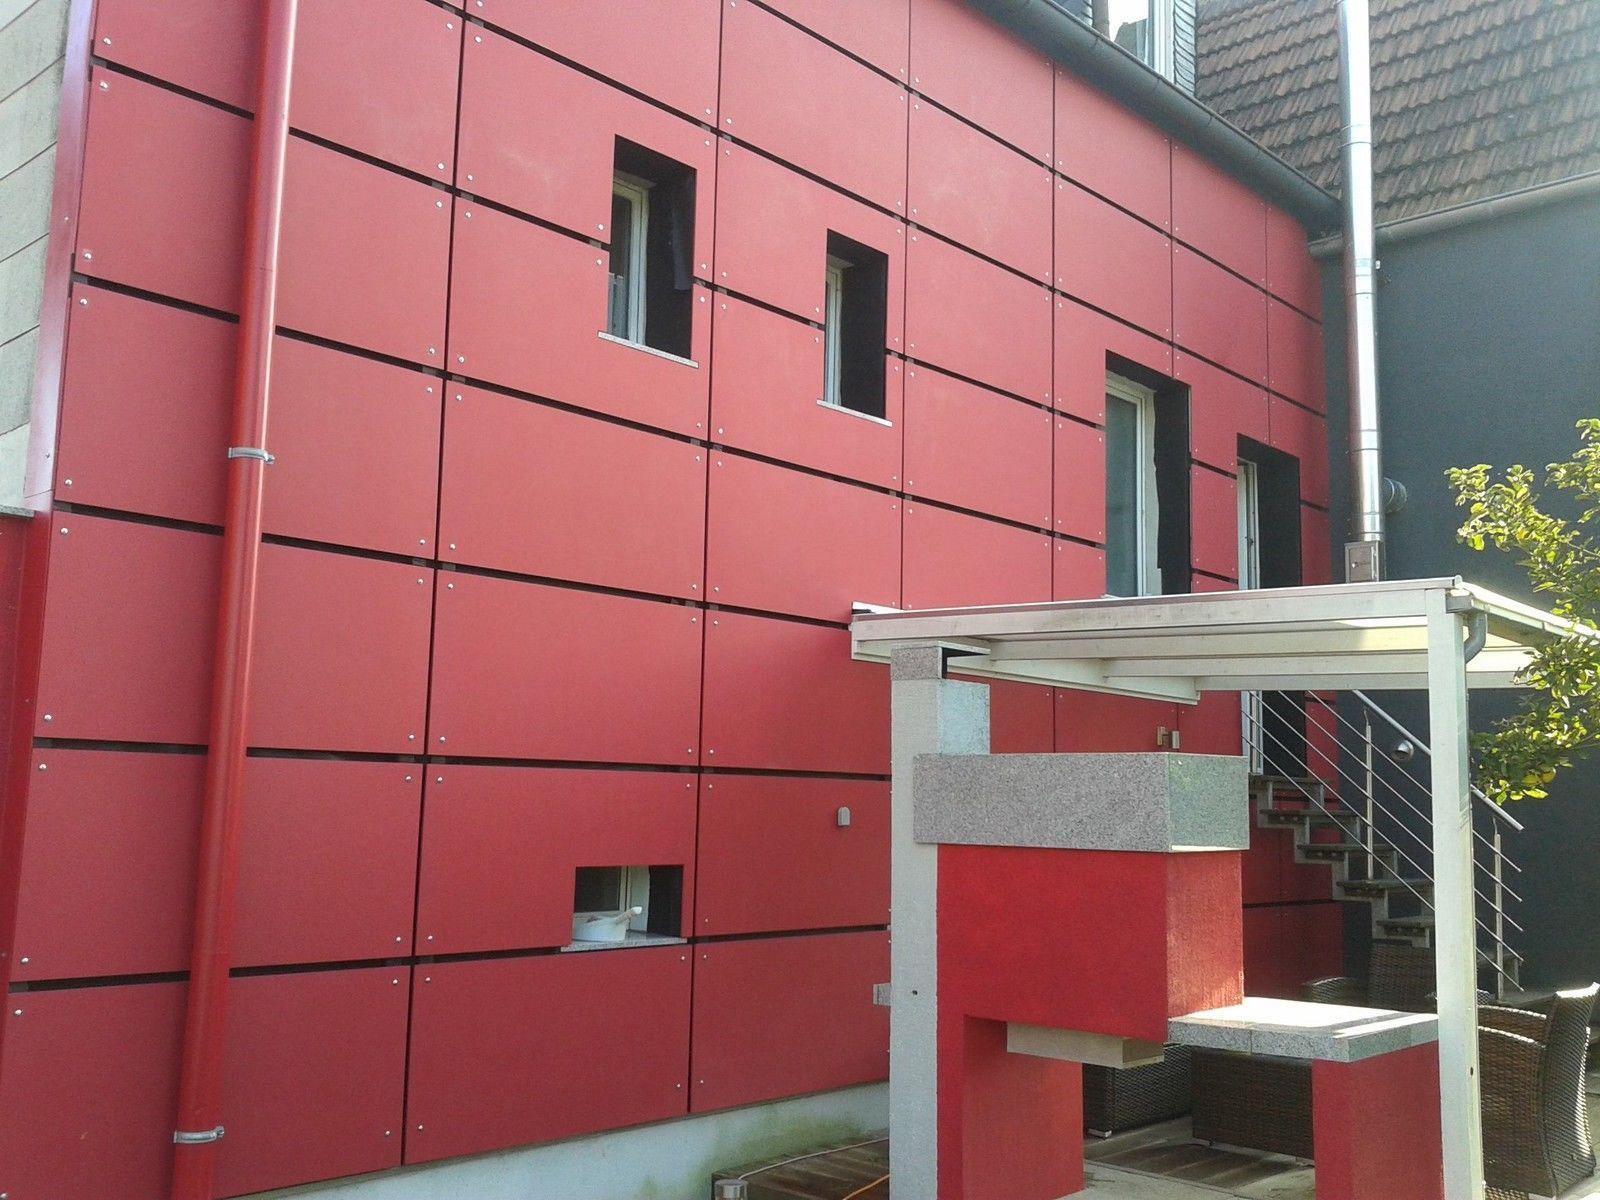 Fassadenplatten Faserzementplatten Leichtbeton Sichtschutzwand Balkonverkleidung Ebay Fassadenplatten Leichtbeton Fassade